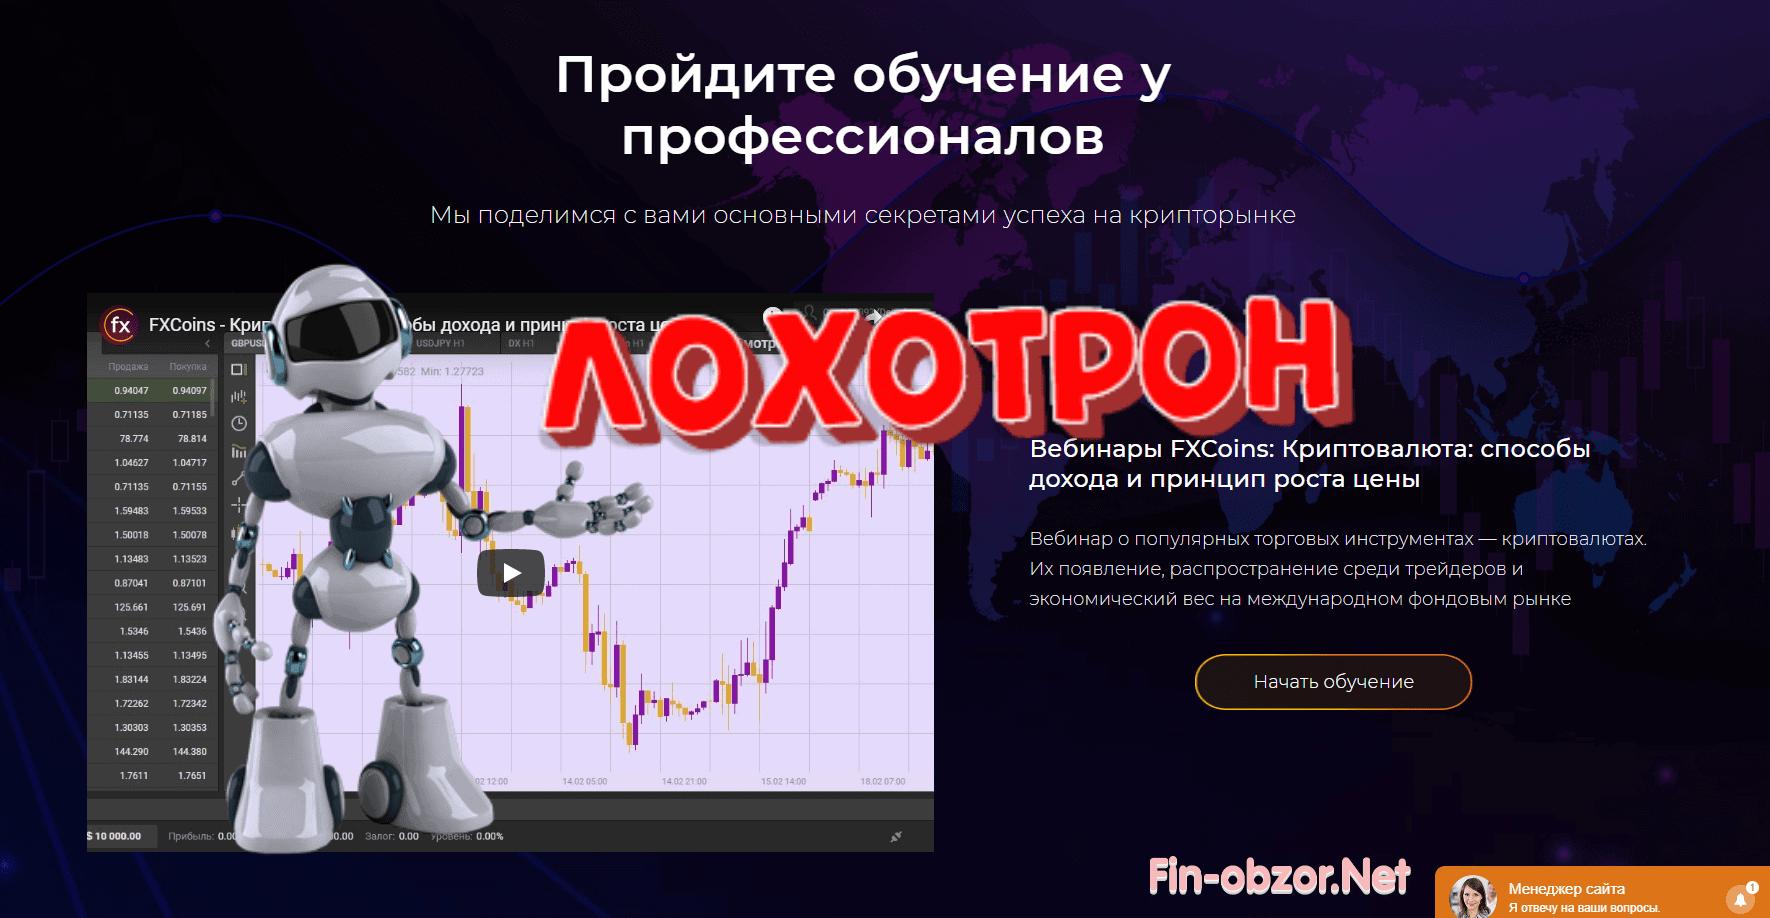 FXcoins - реальные отзывы трейдеров о fxcoins.org